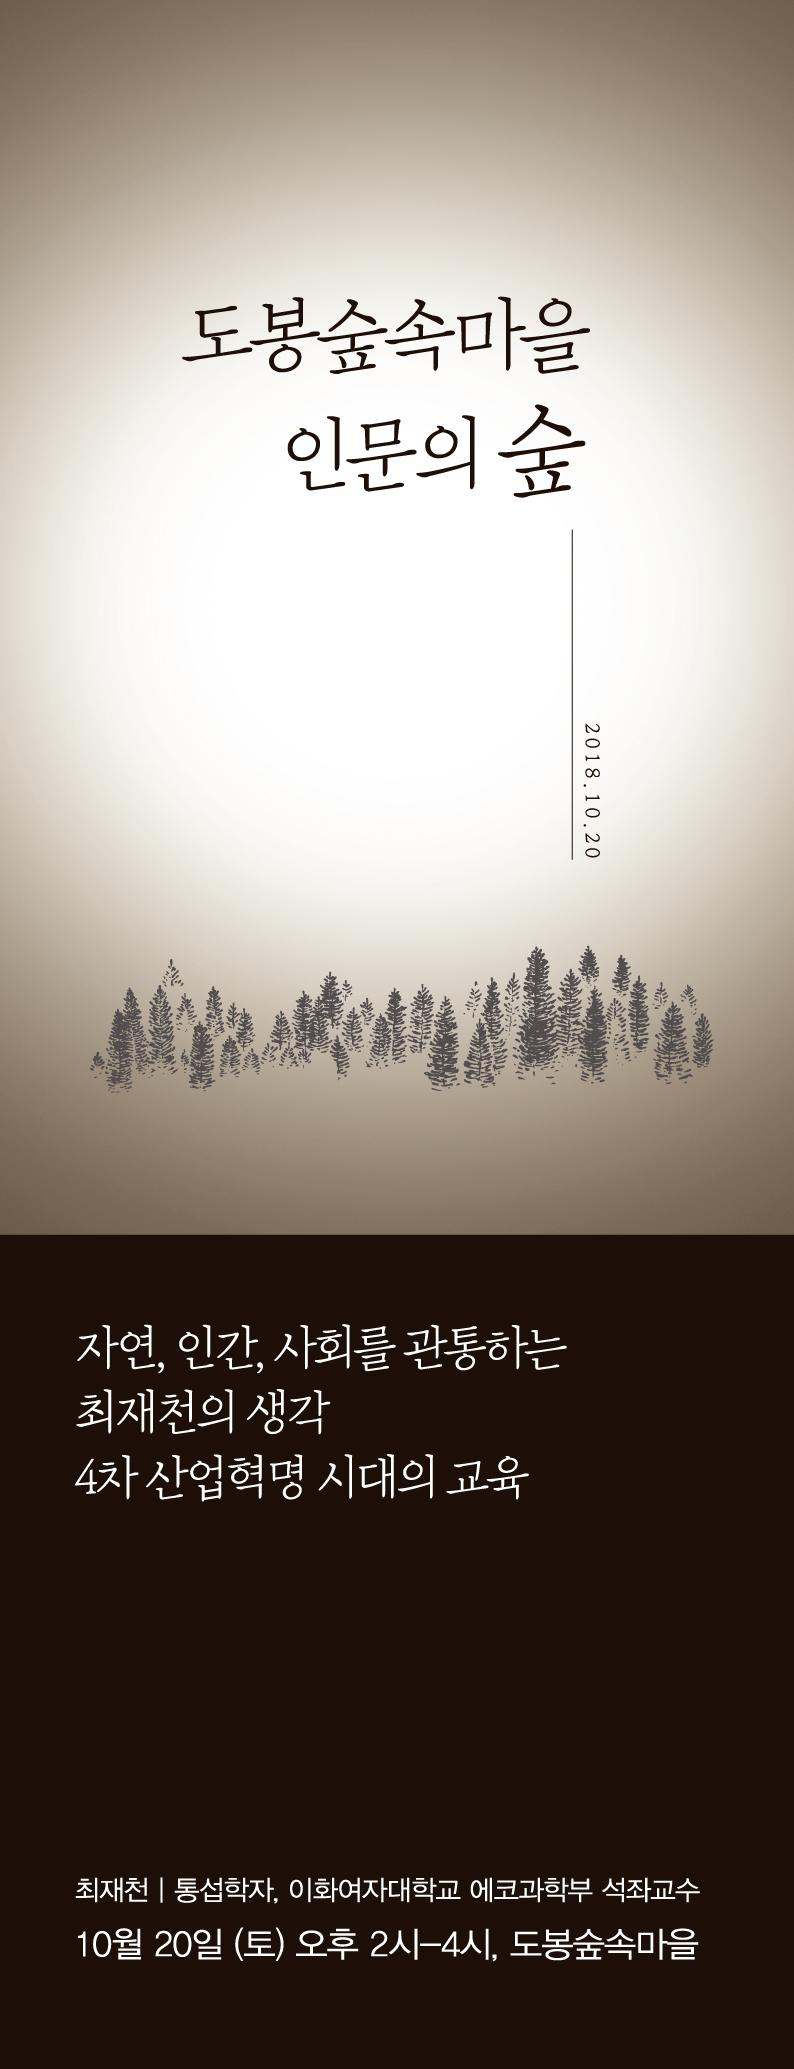 인문의숲.jpg